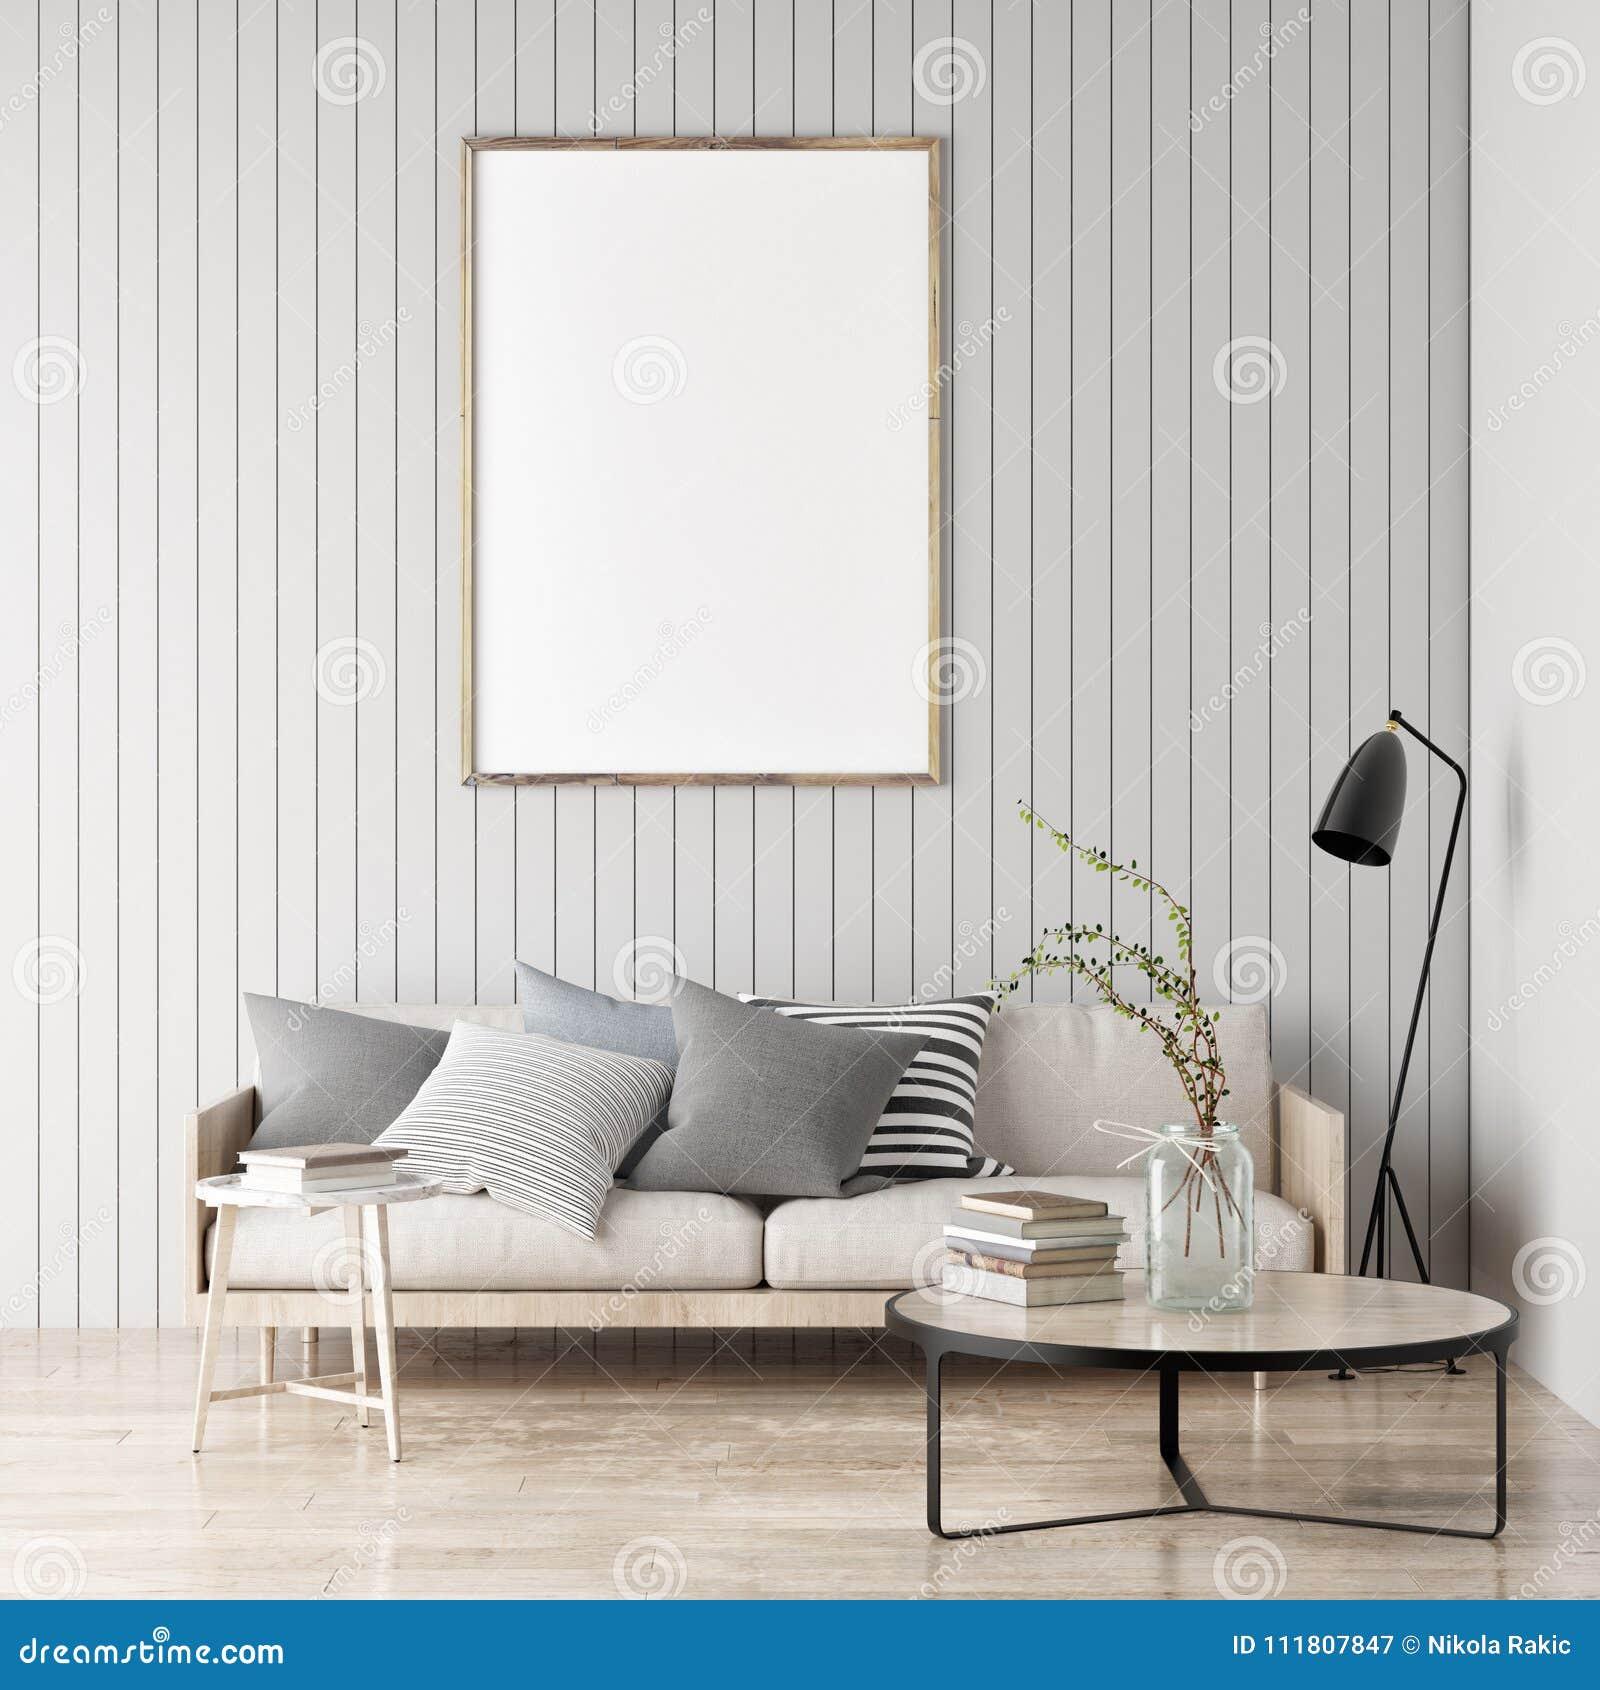 Imite encima del cartel, sitio escandinavo, sus ilustraciones aquí, encendido